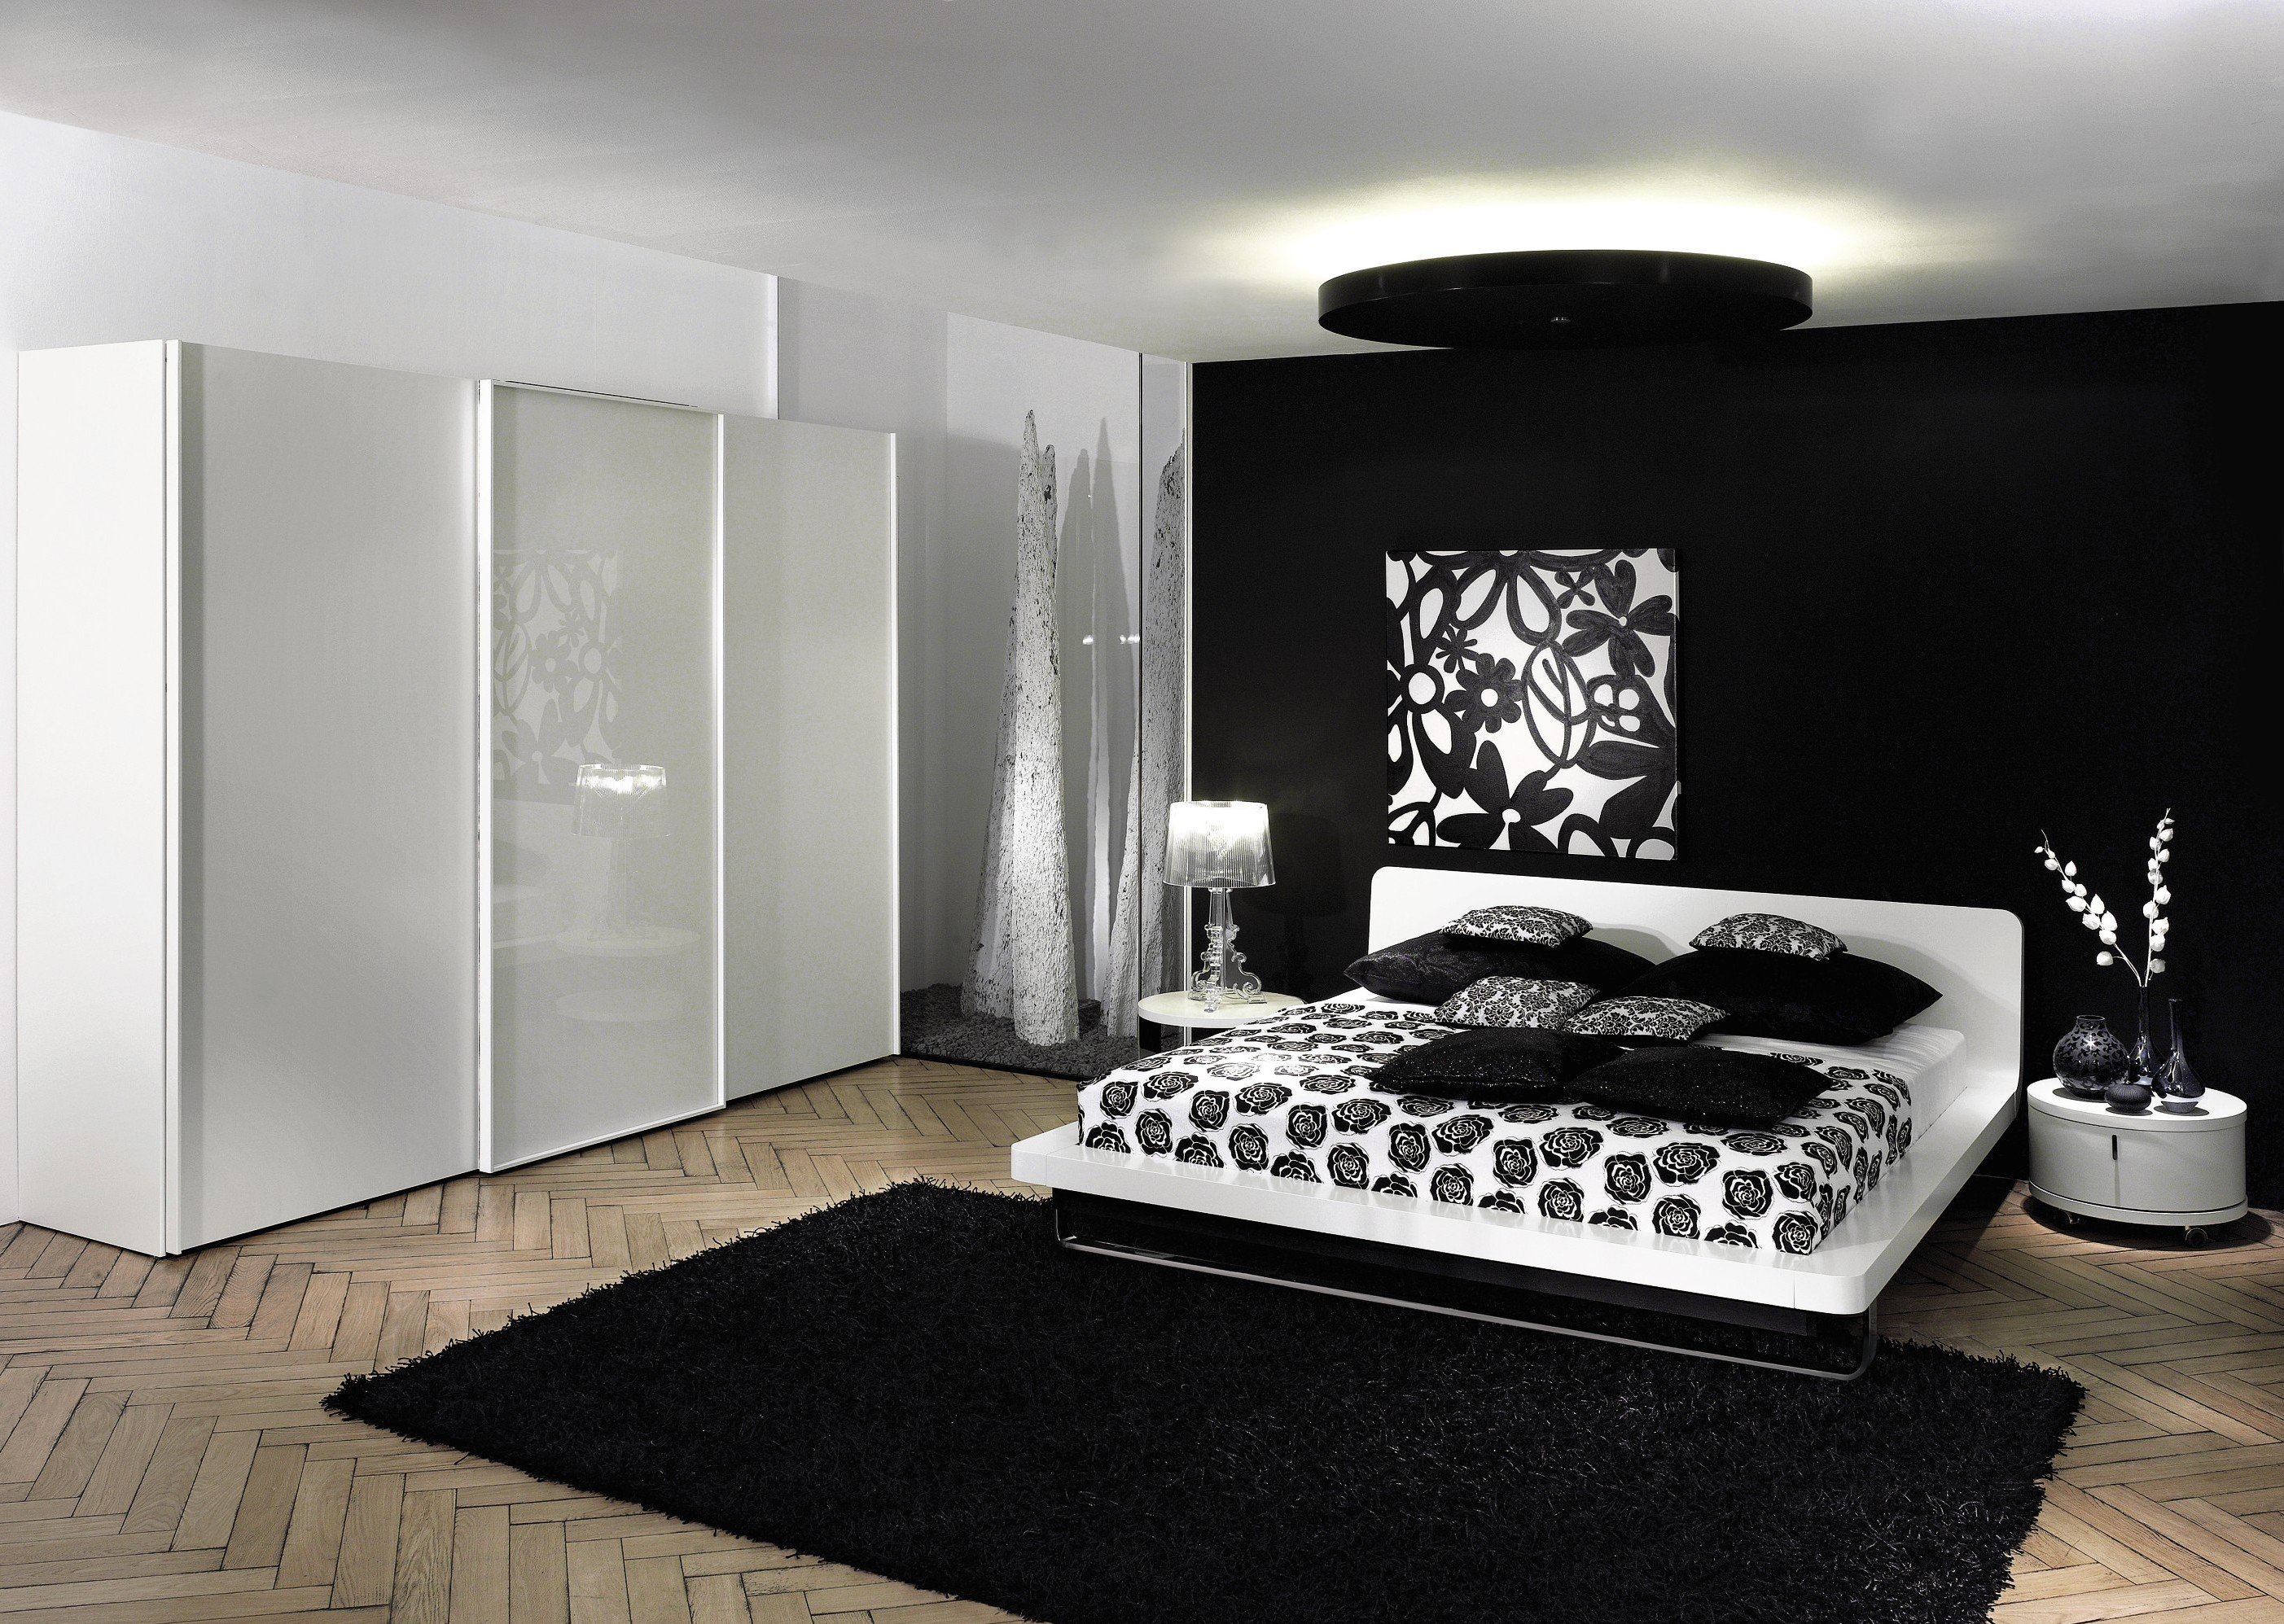 Letto bianco colore parete : letto bianco colore parete. letto ...